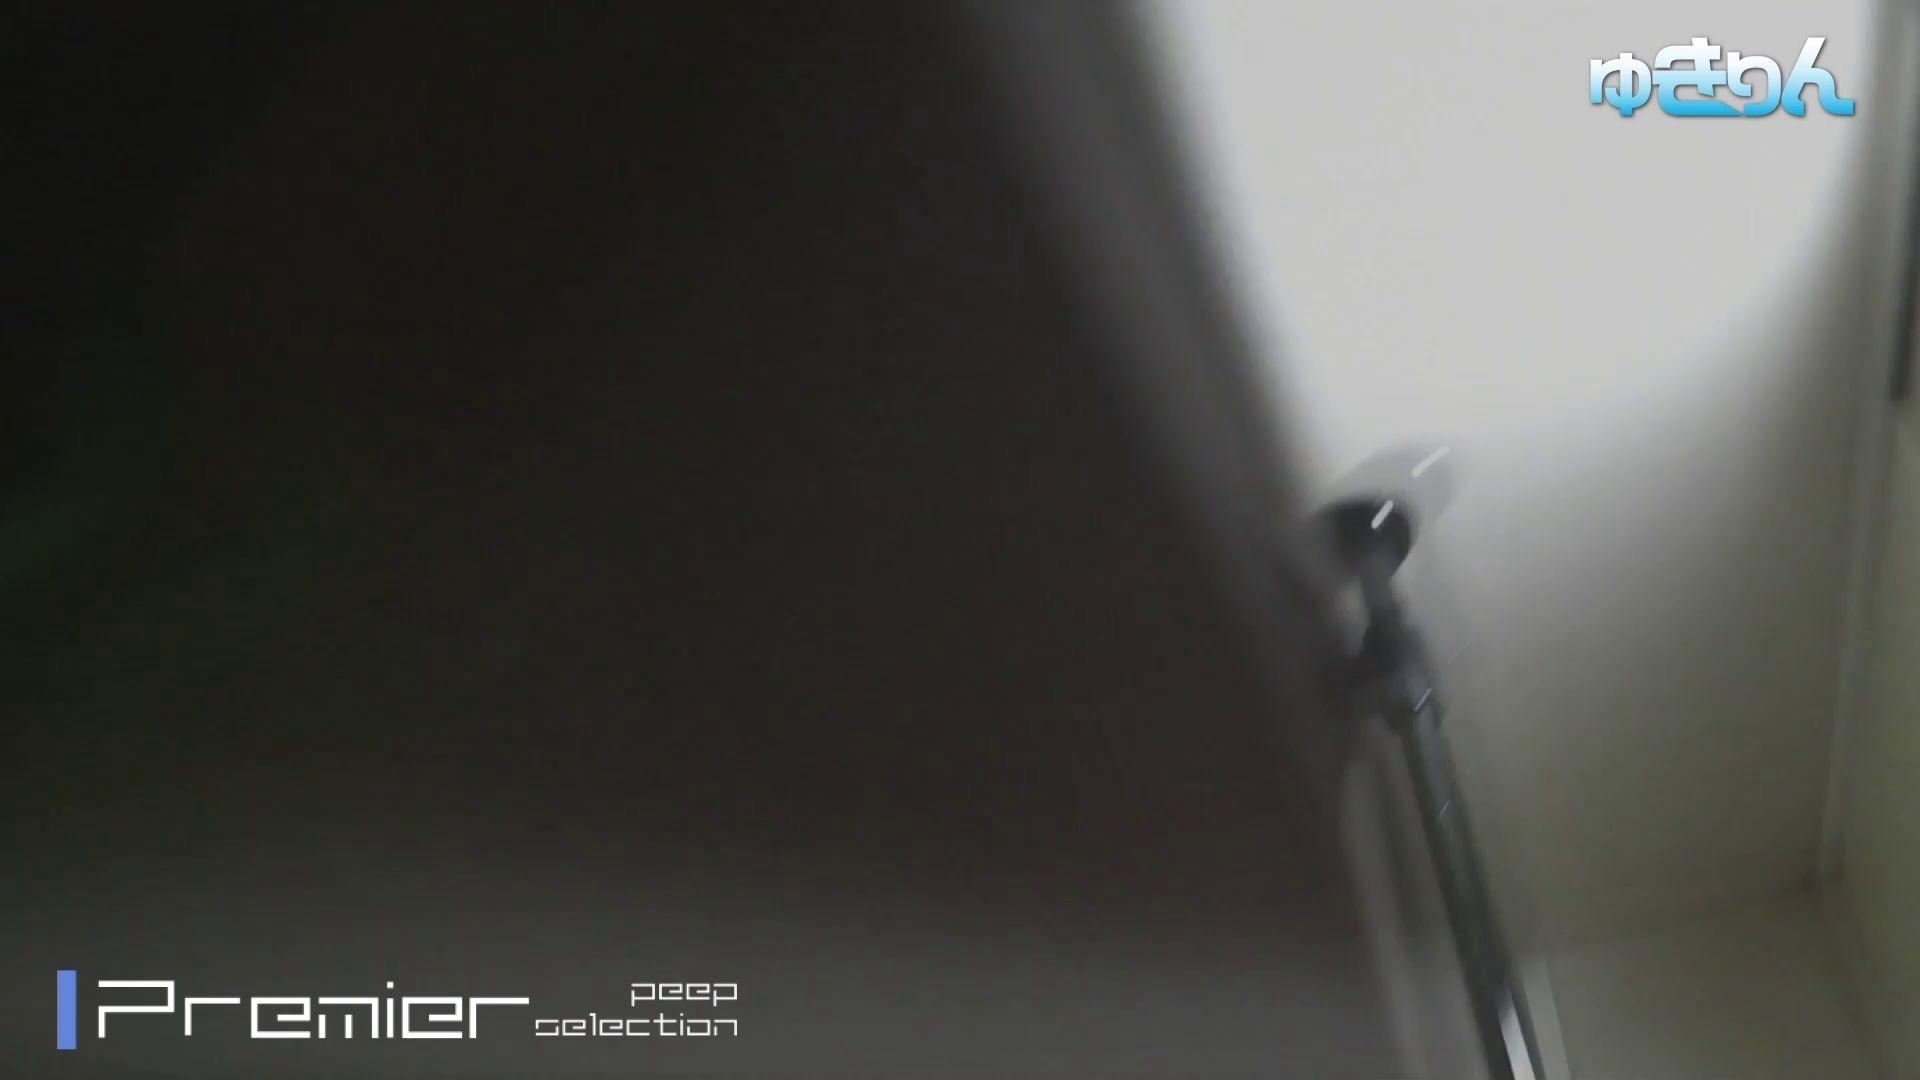 新世界の射窓 No100 祝 記念版!異次元な明るさと技術 無料動画 洗面所 ワレメ動画紹介 40連発 5